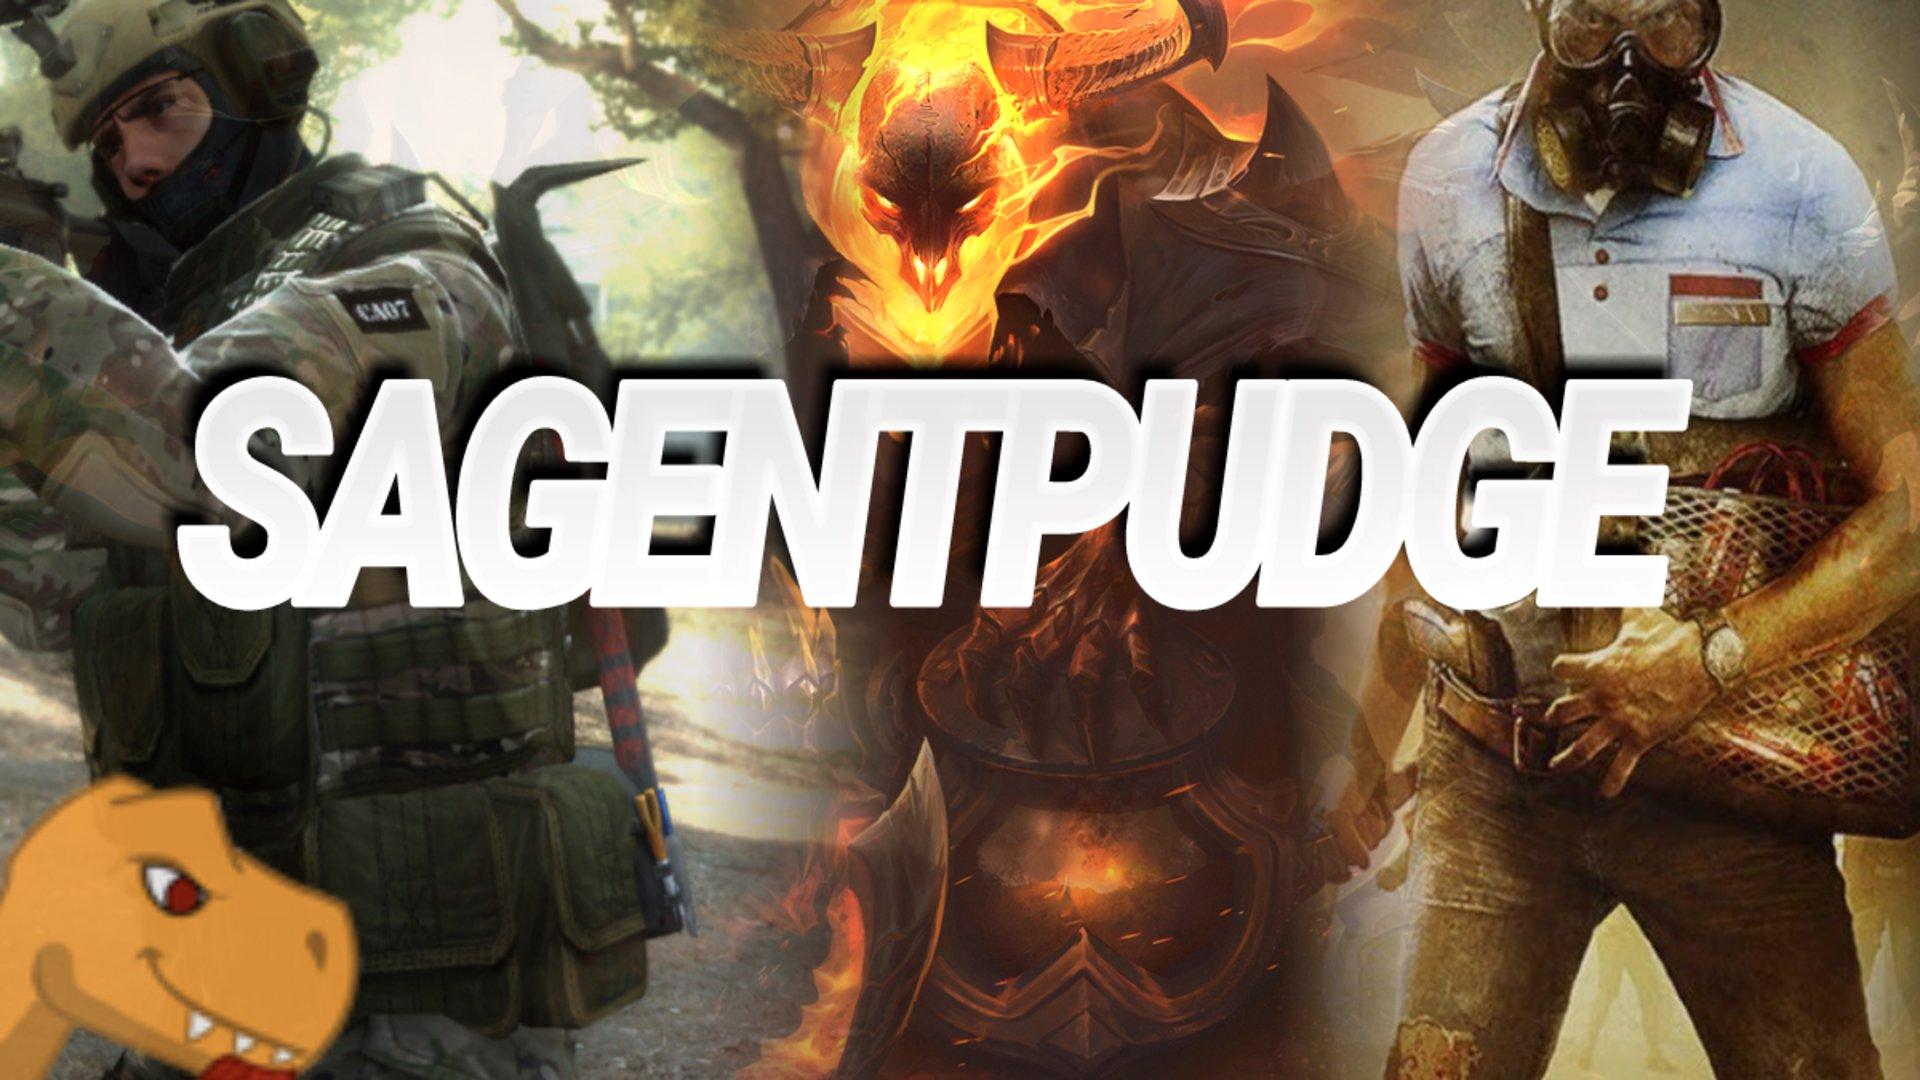 Twitch stream of Sagentpudge